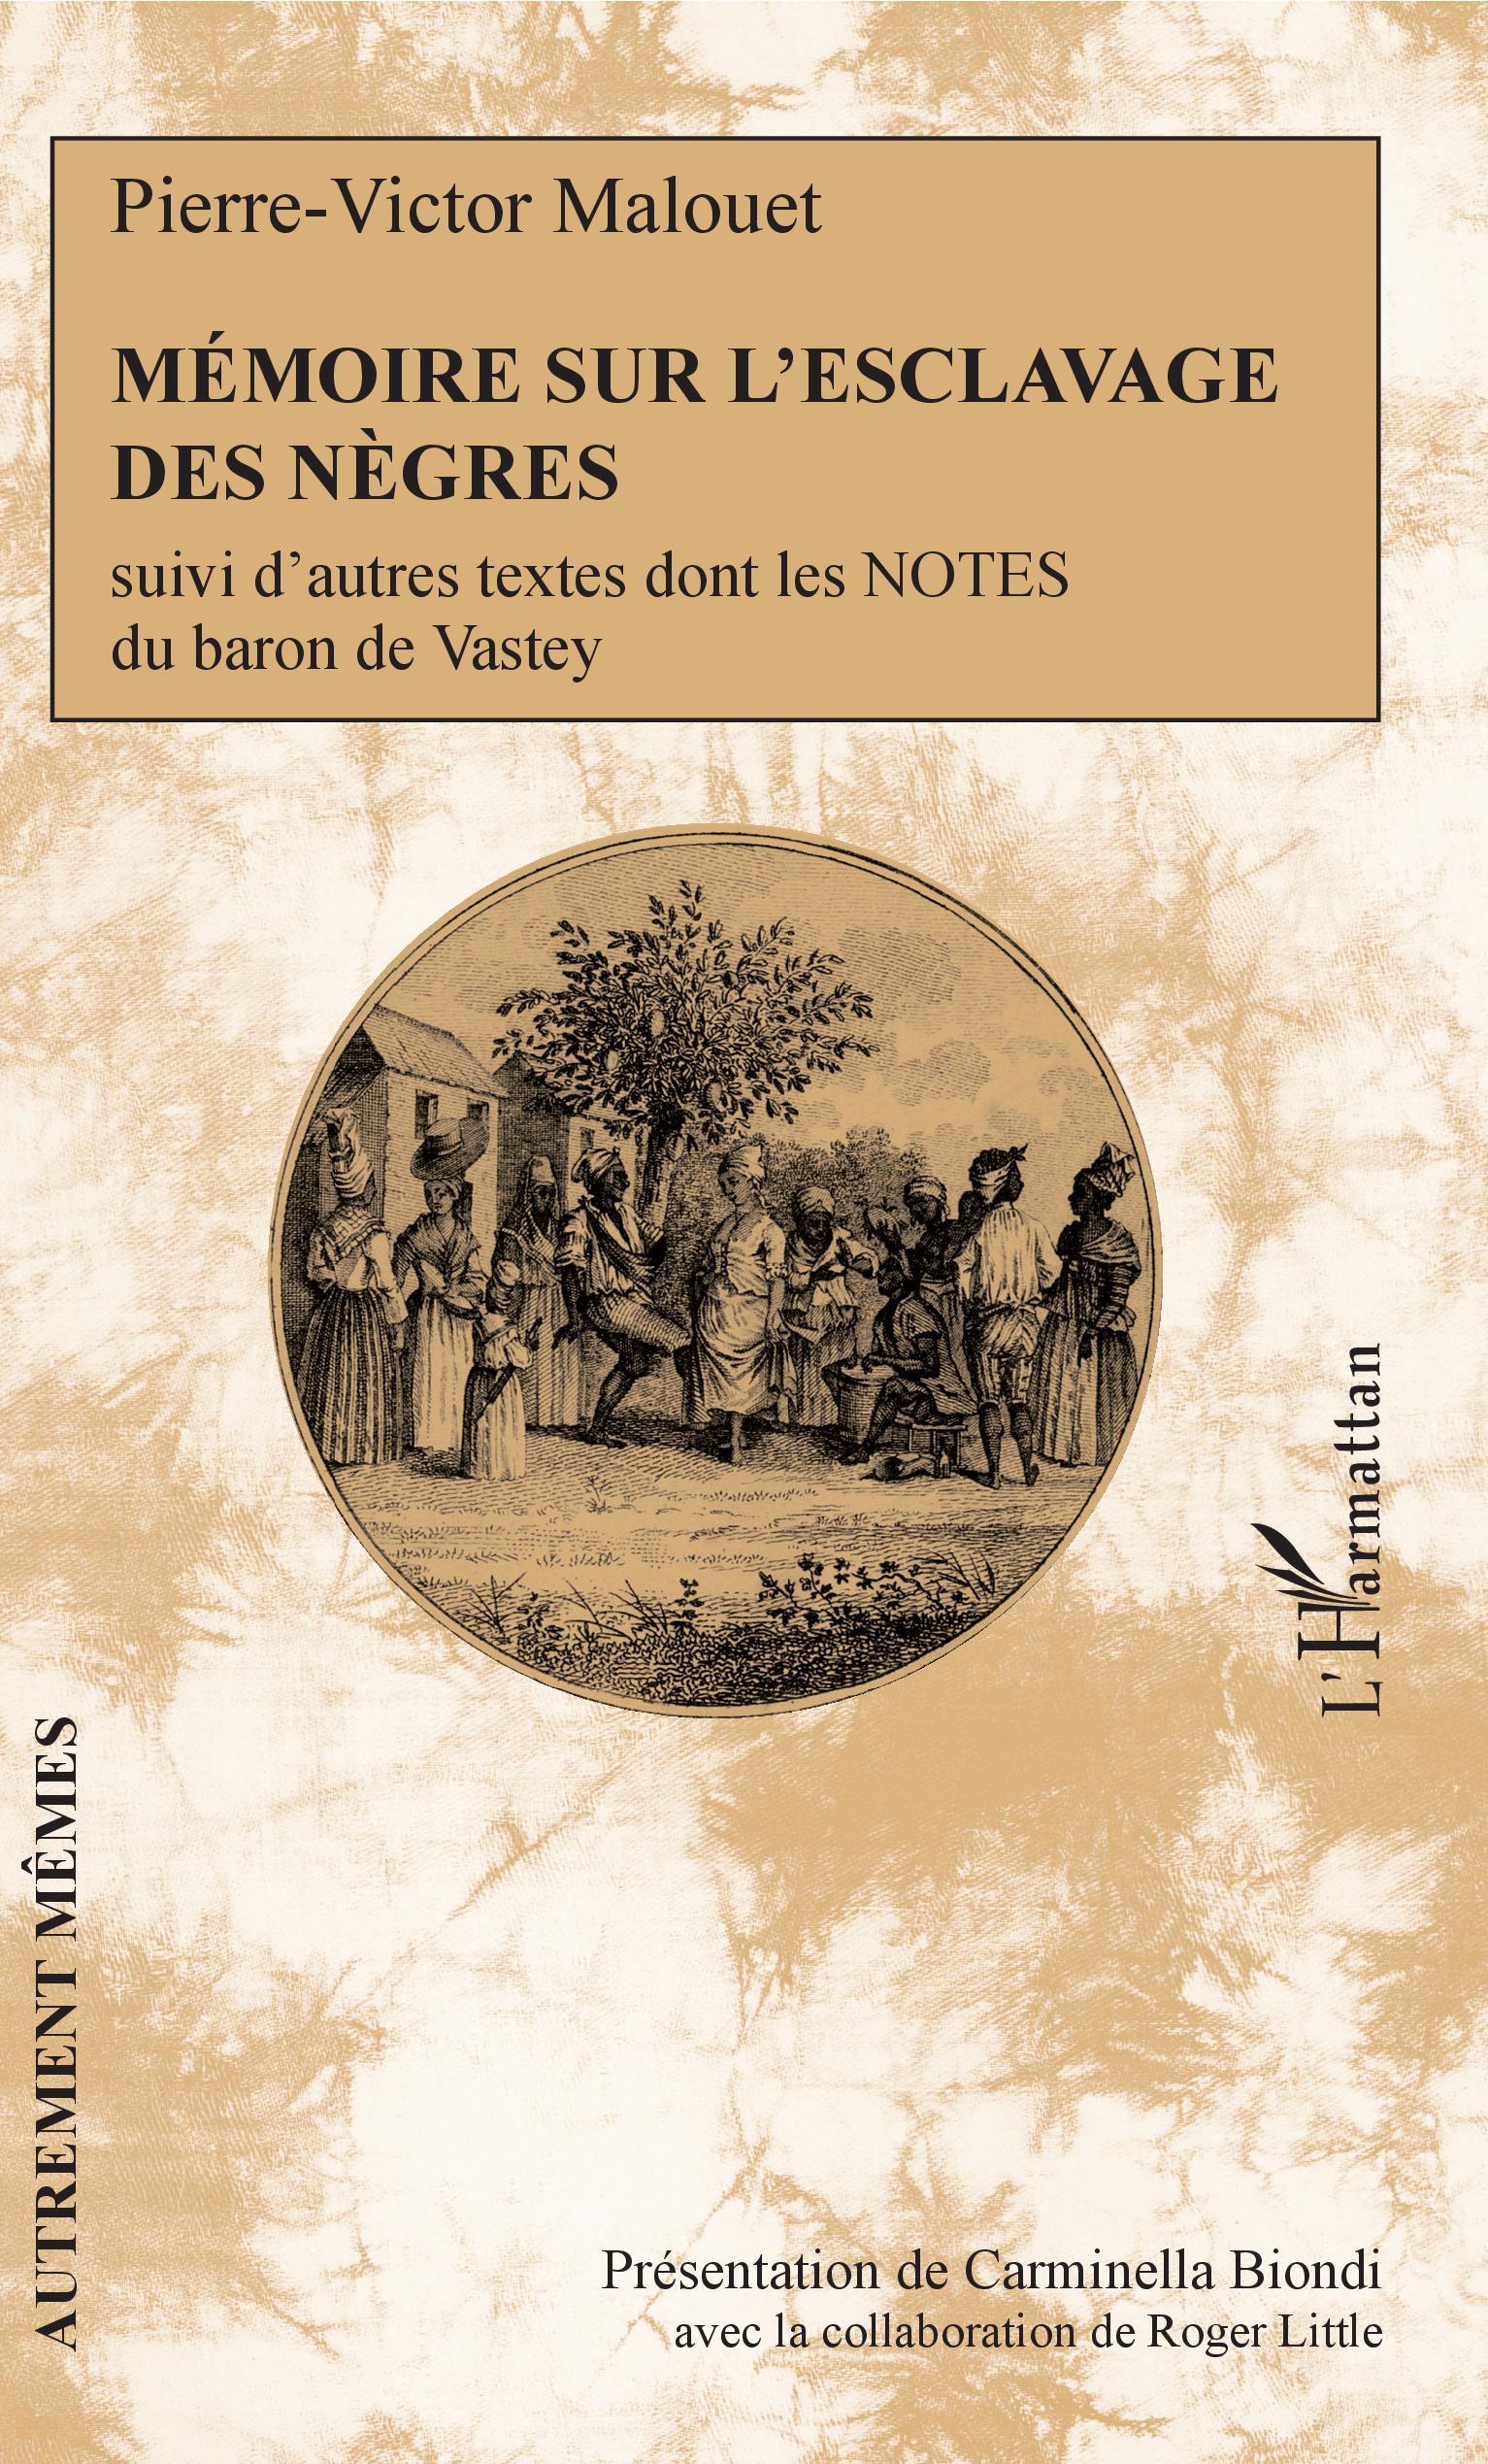 P.-V. Malouet, Mémoire sur l'esclavage des nègres, suivi d'autres textes dont les Notes du baron de Vastey